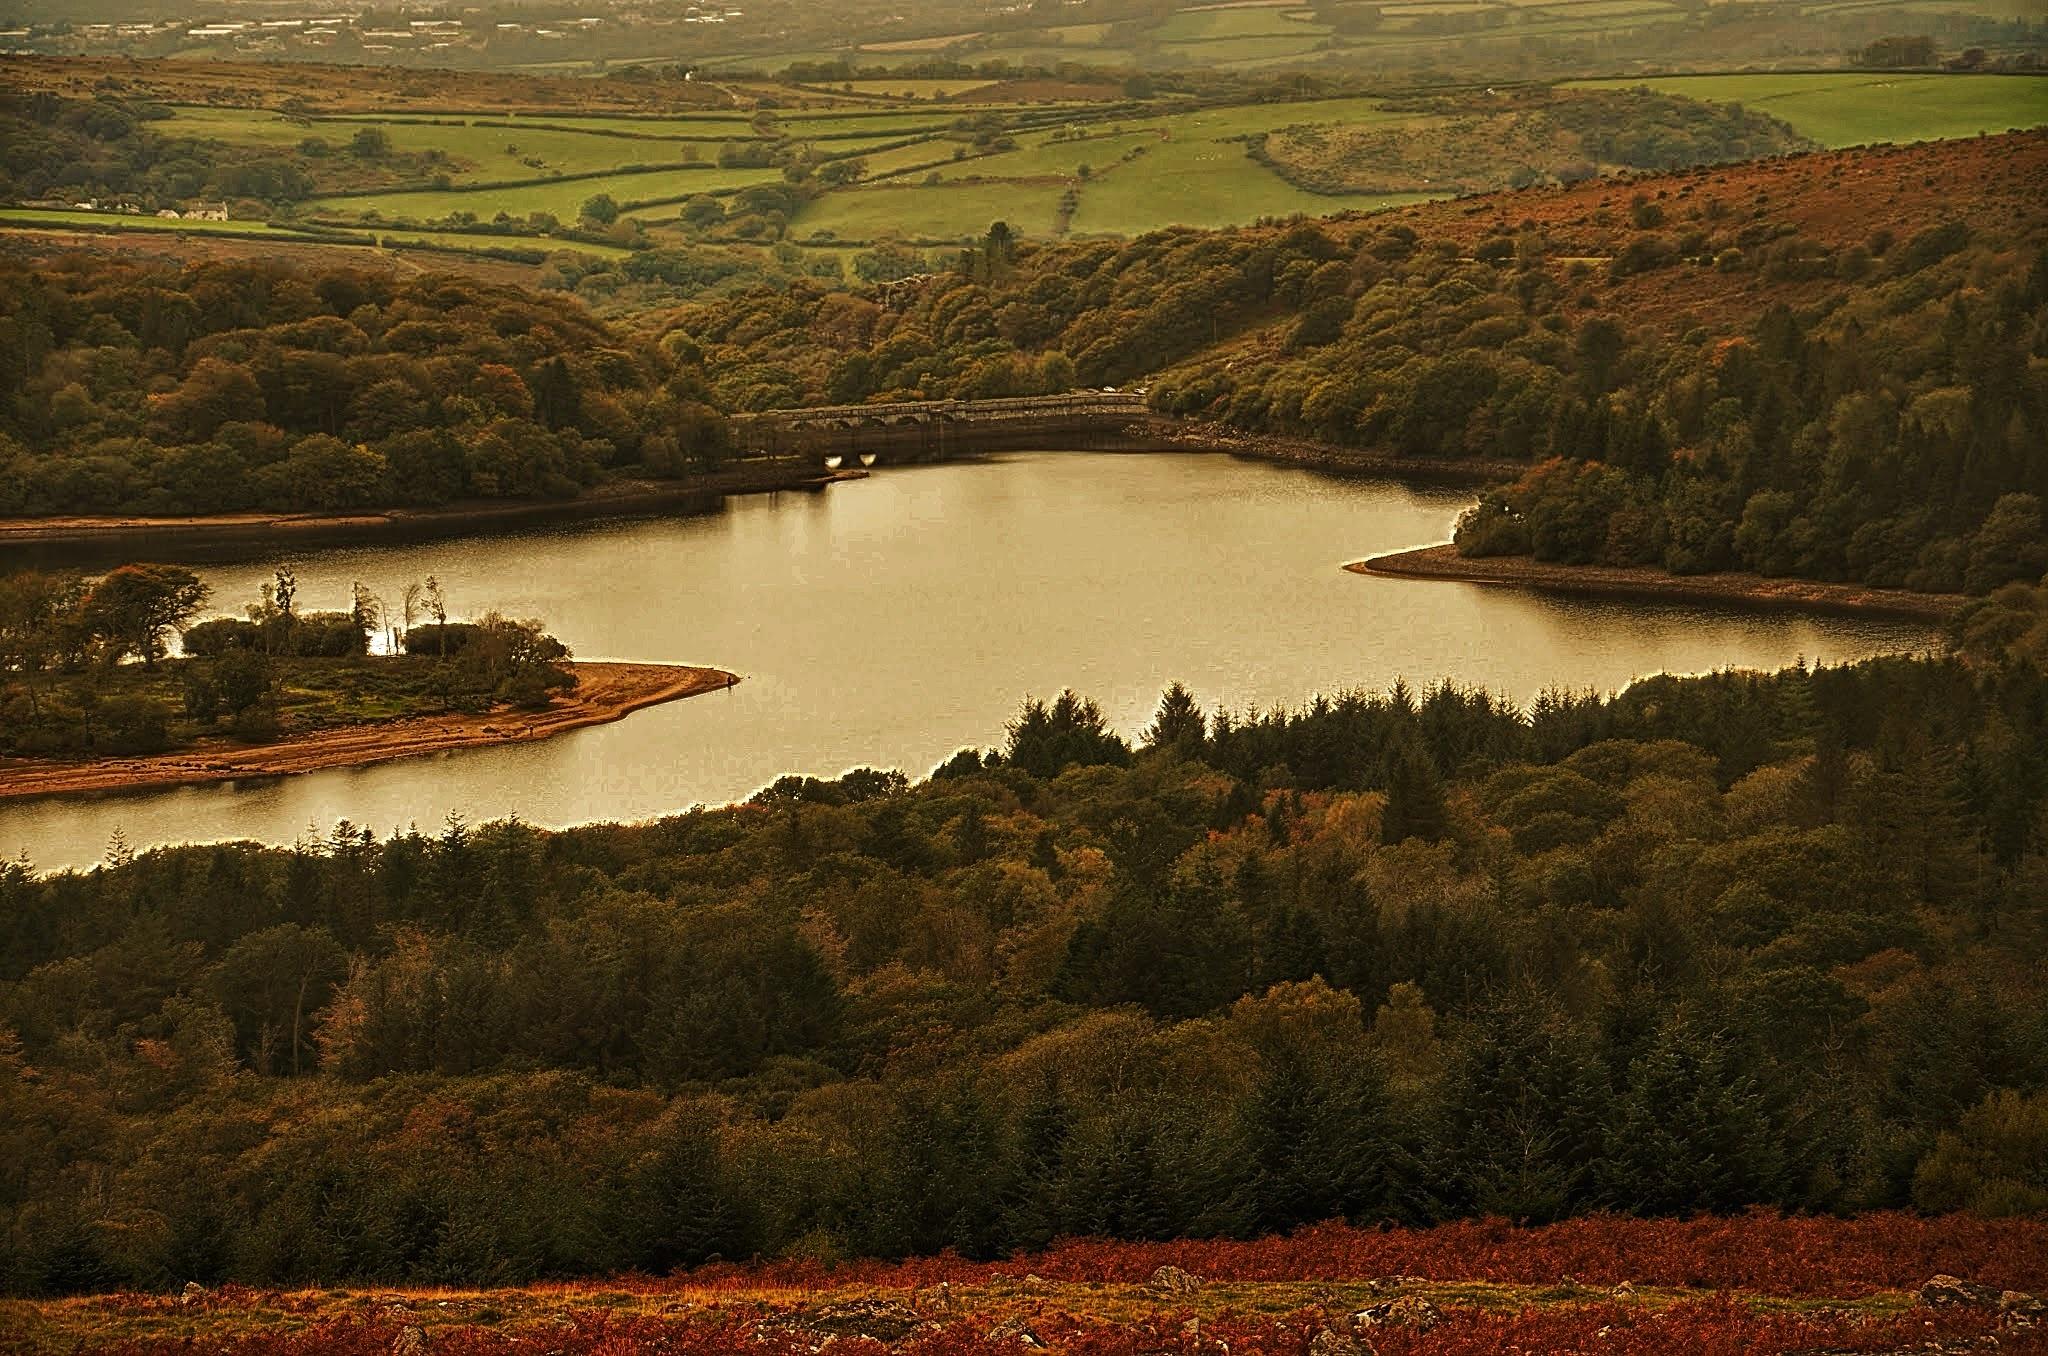 Dartmoor(2) by johncedriccoles123